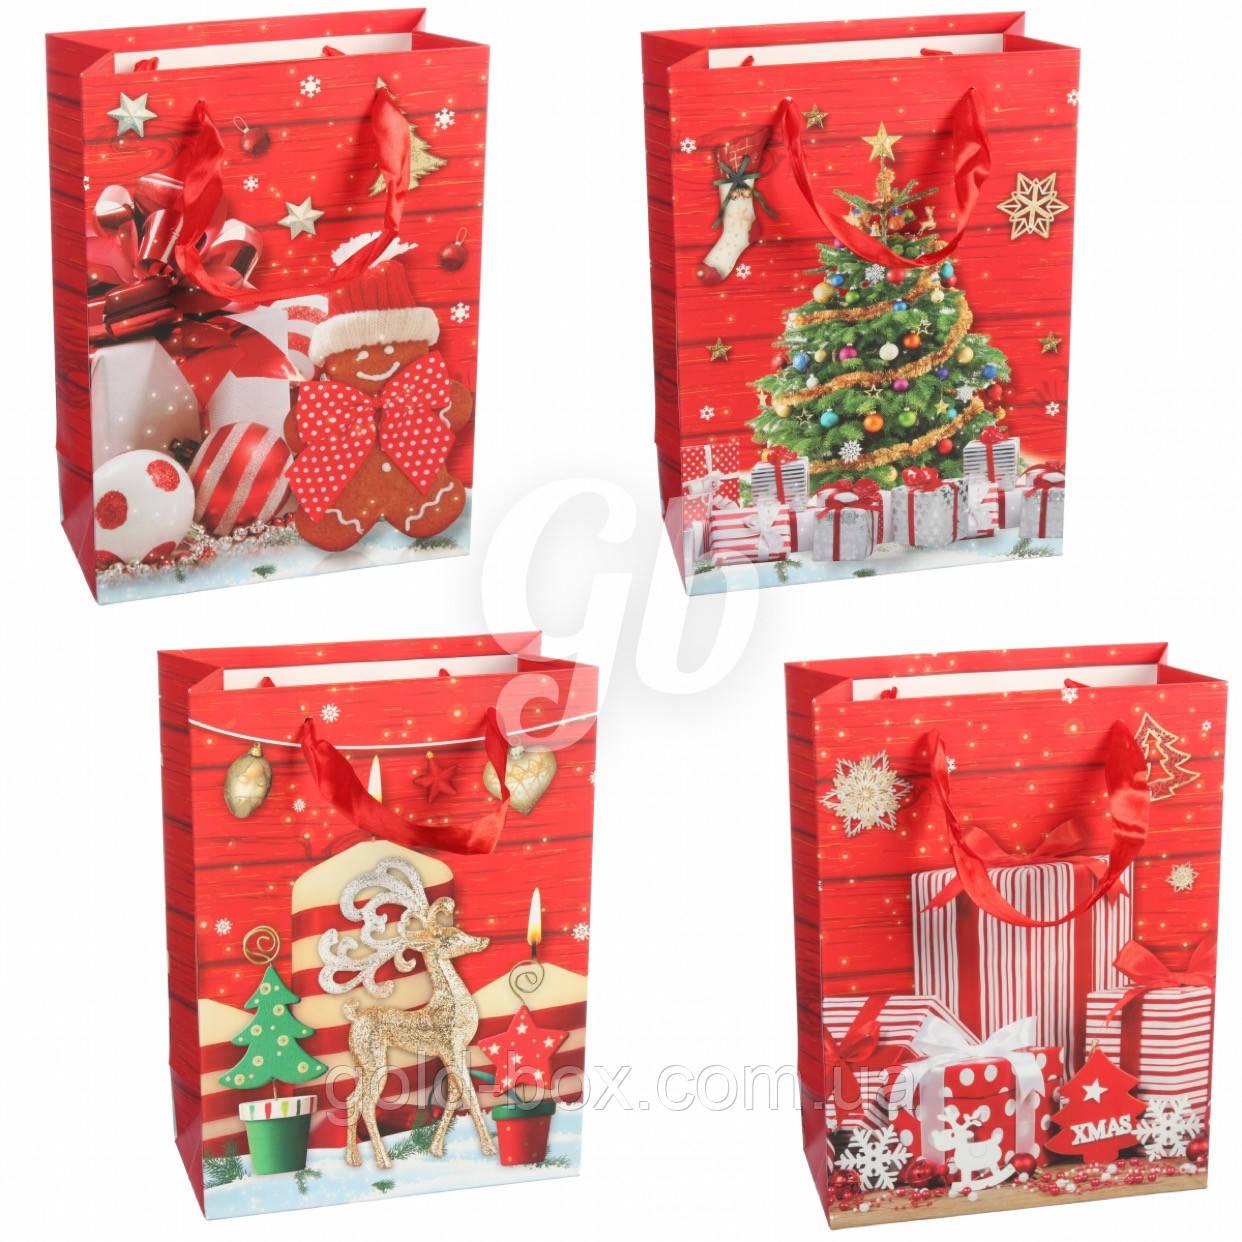 Новогодние пакеты оптом набор 12шт (4 вида)